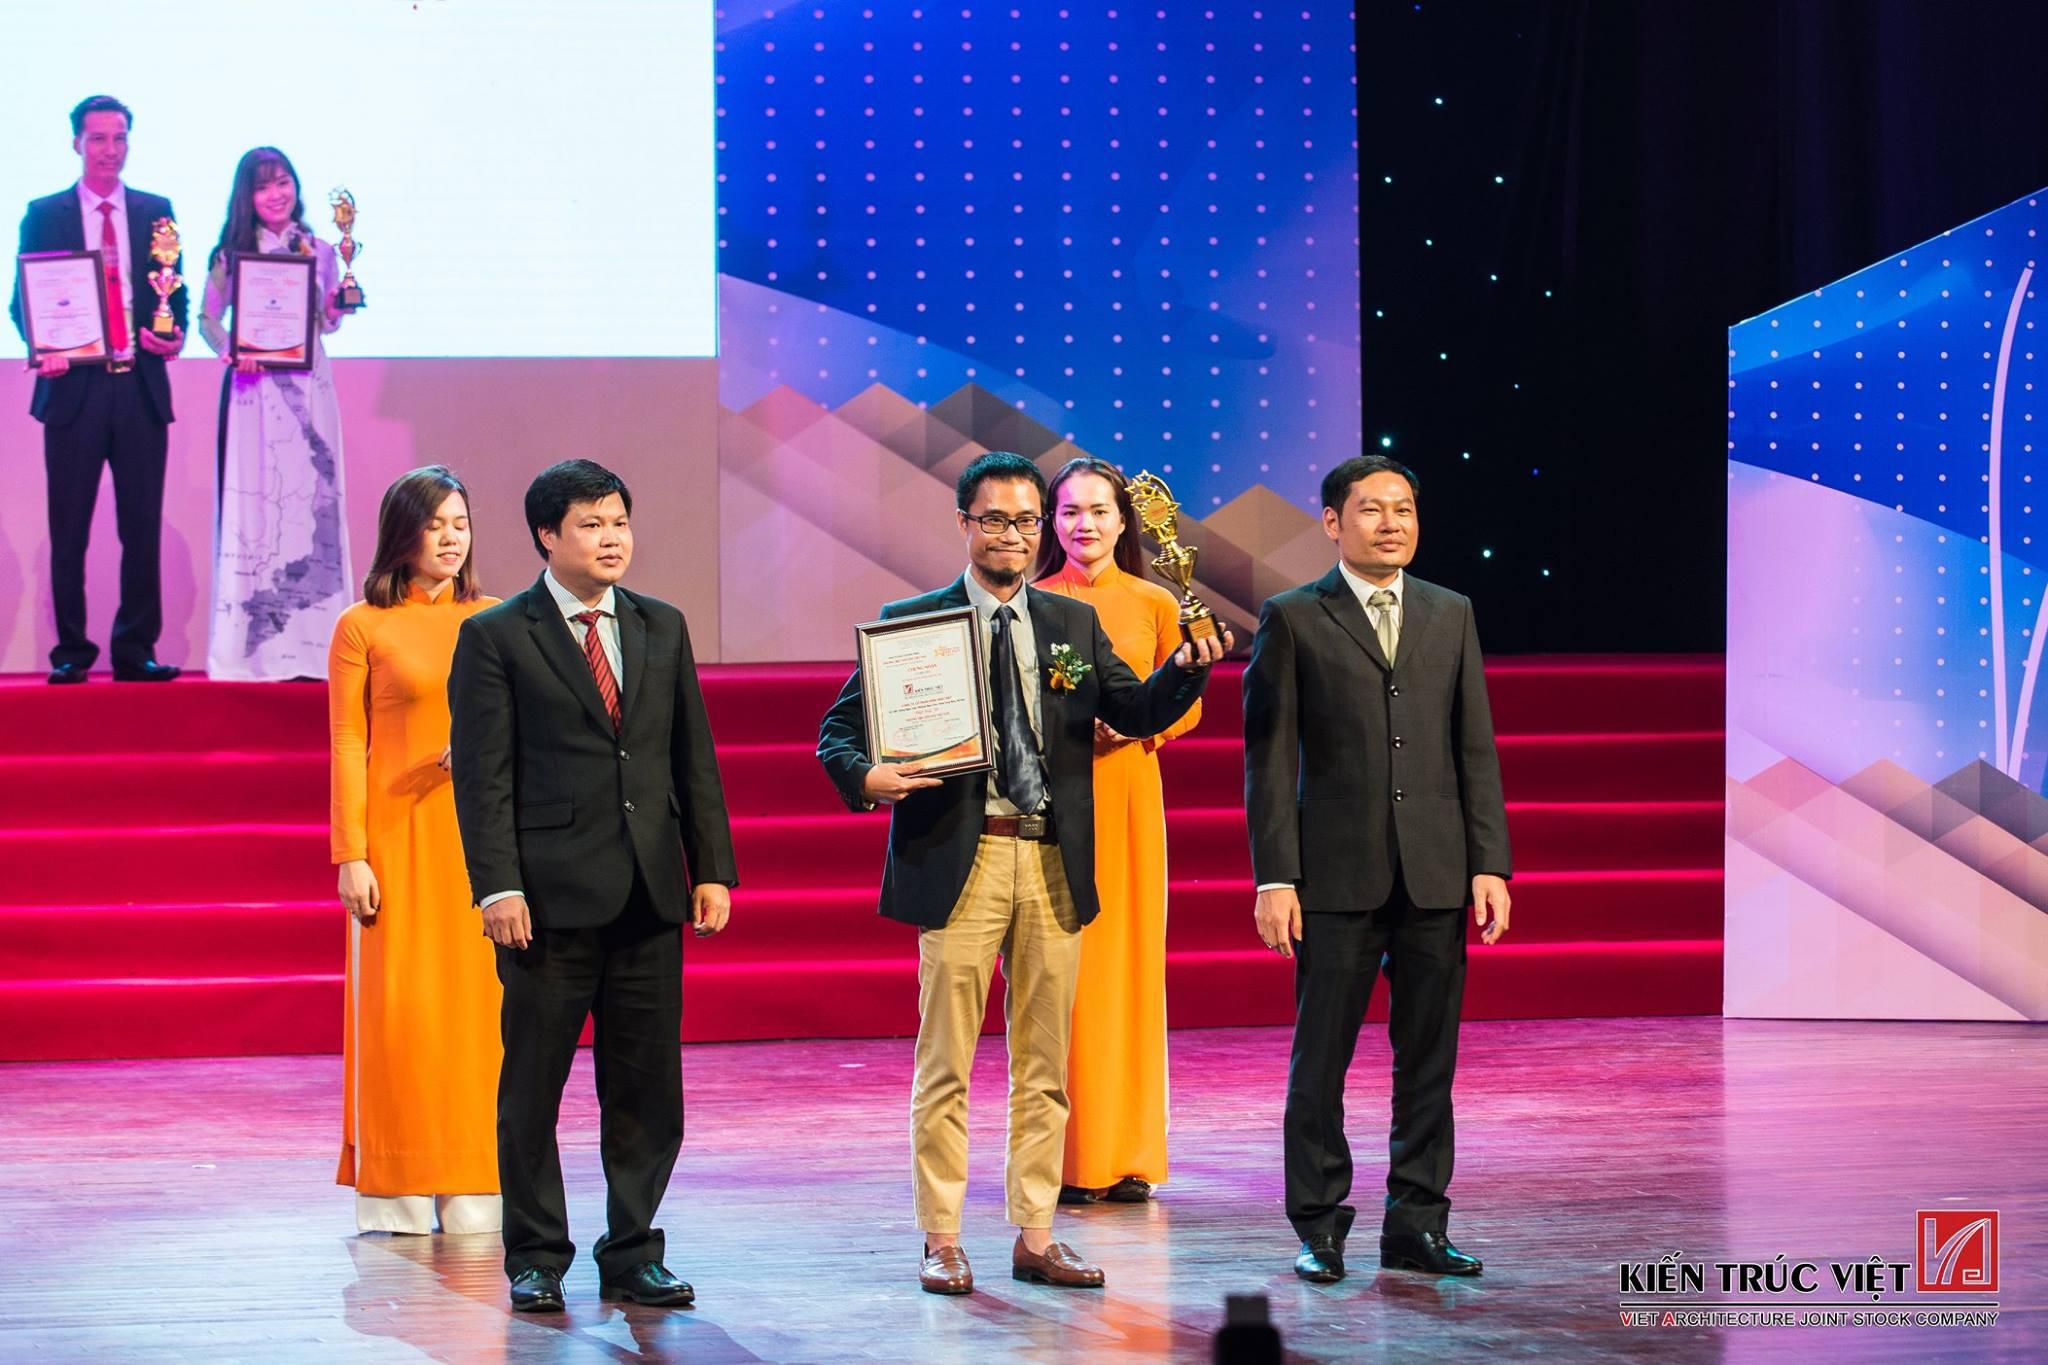 Công ty nhận Cúp và Giấy chứng nhận #TOP50 doanh nghiệp dẫn đầu